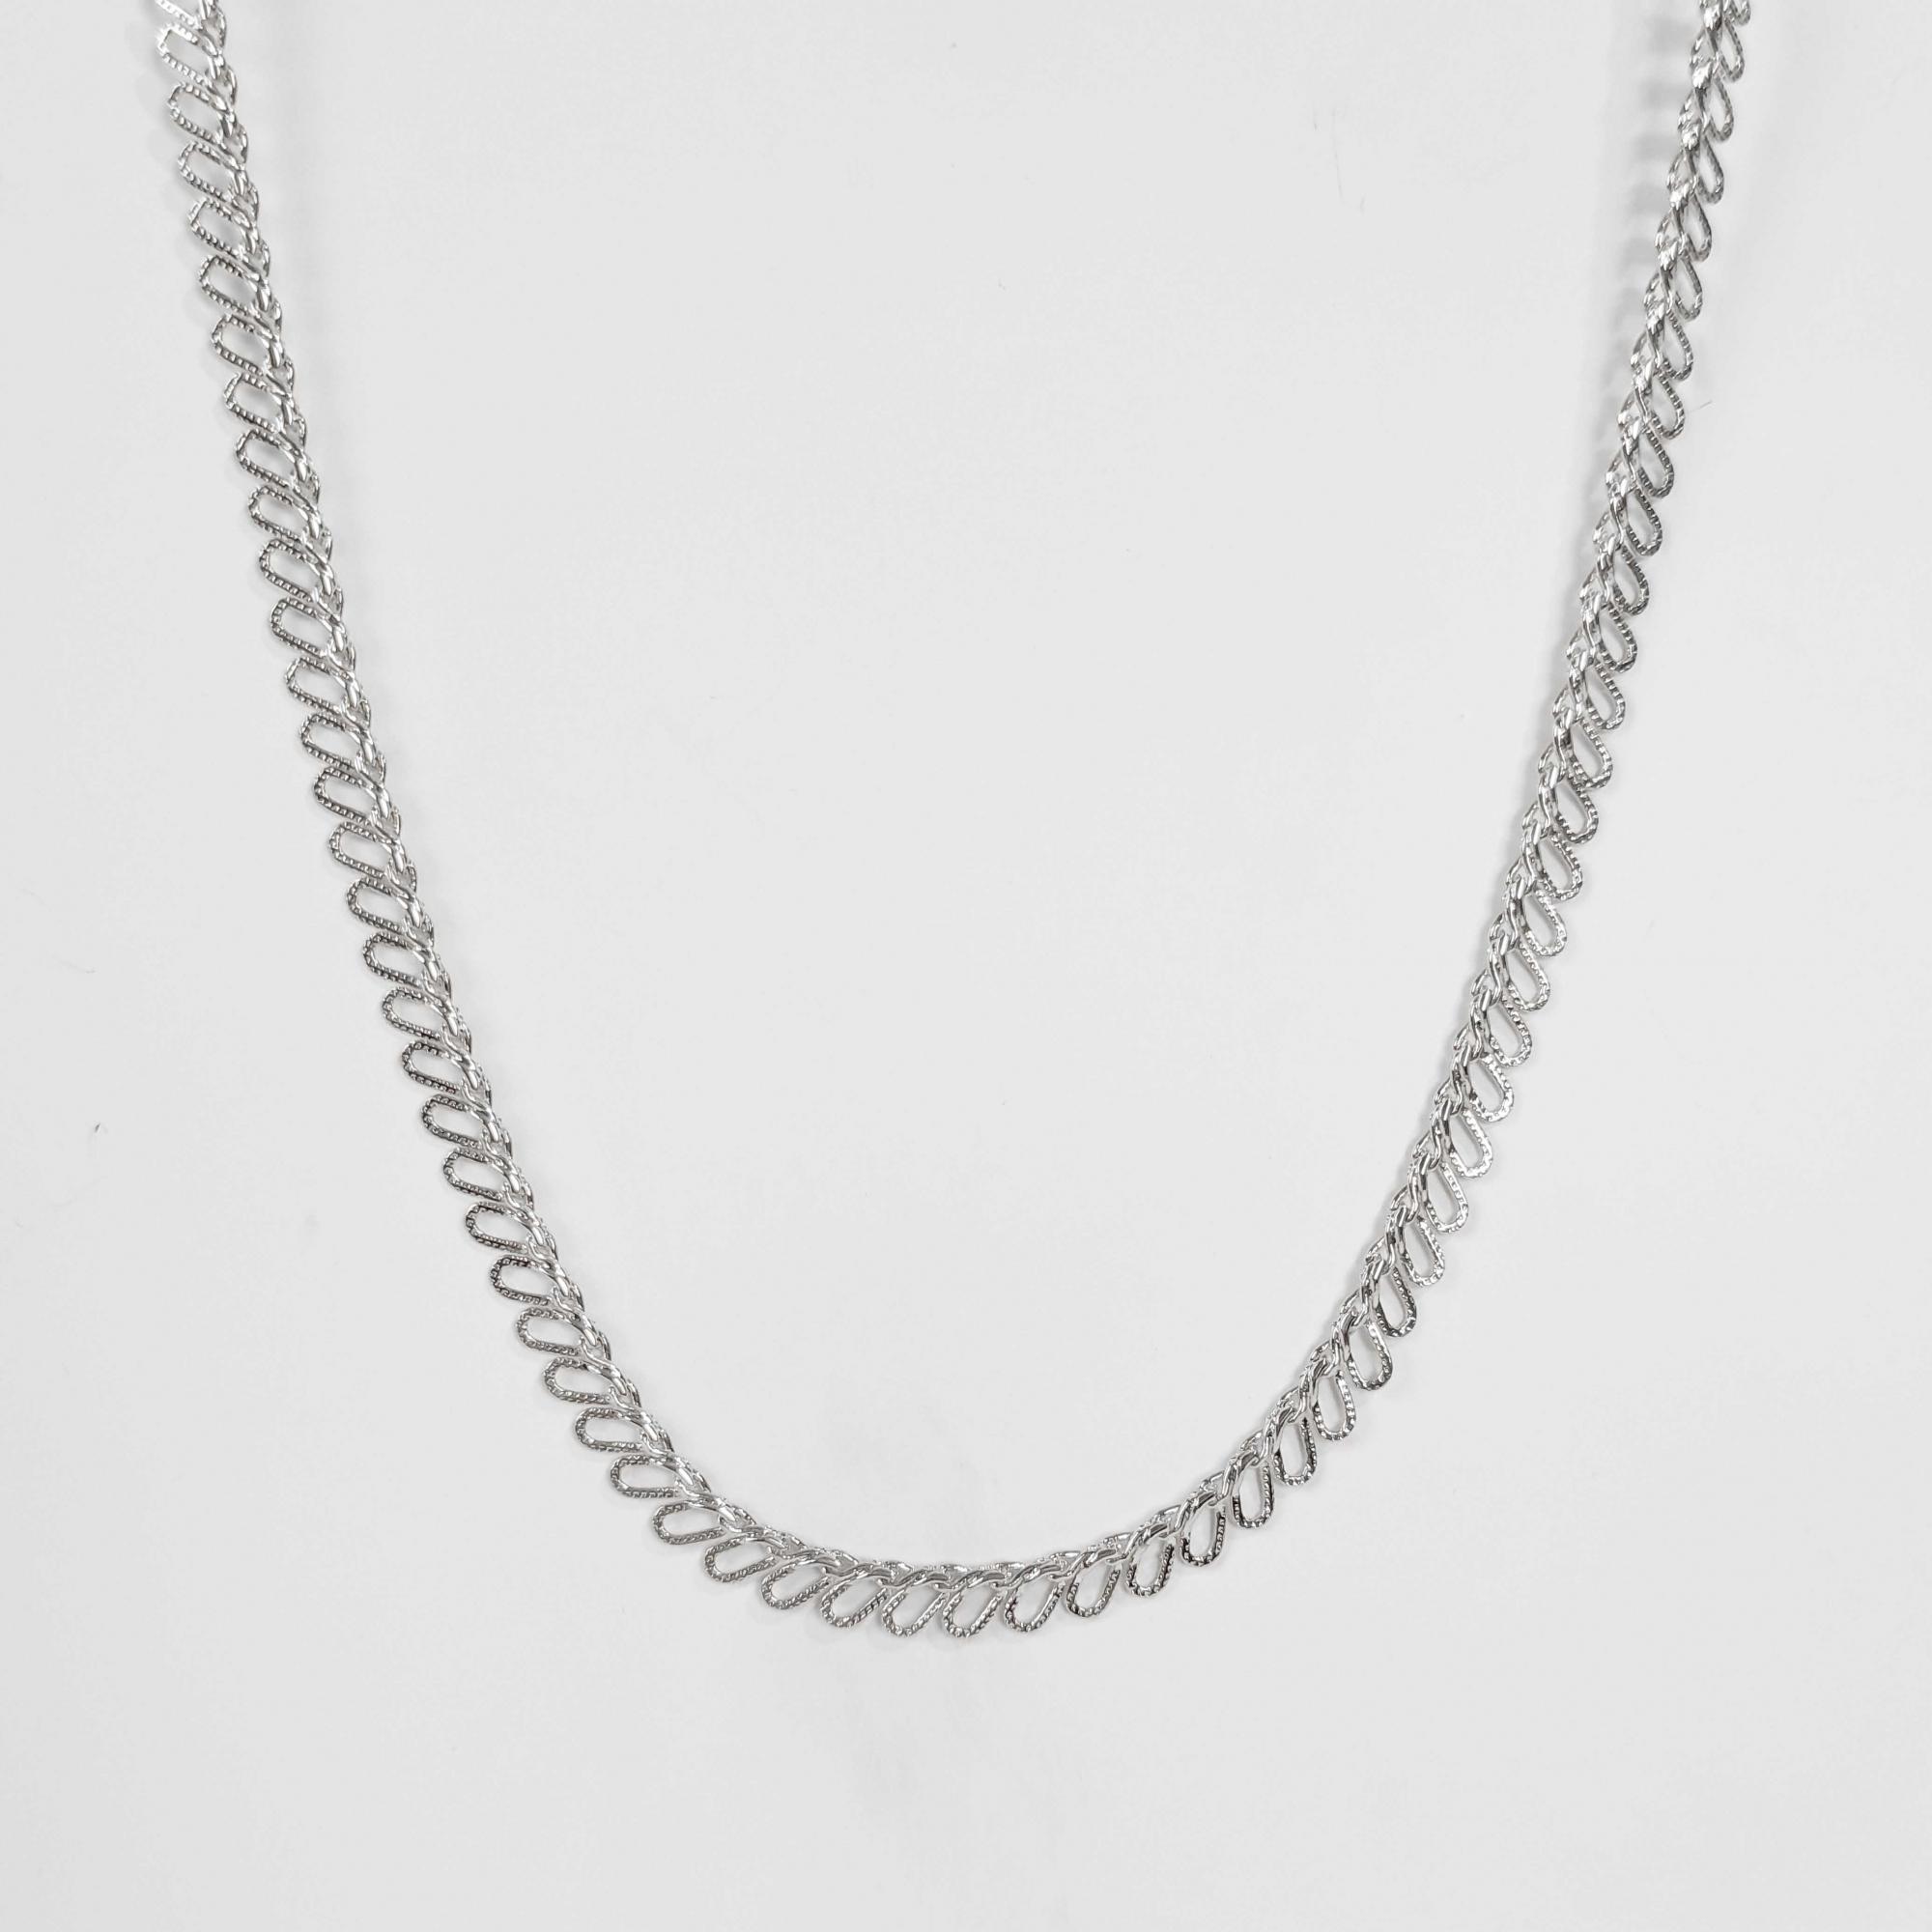 Colar Comprido Elo Entrelaçado Lateral 40cm Folheado Prata 1000  - Lunozê Joias